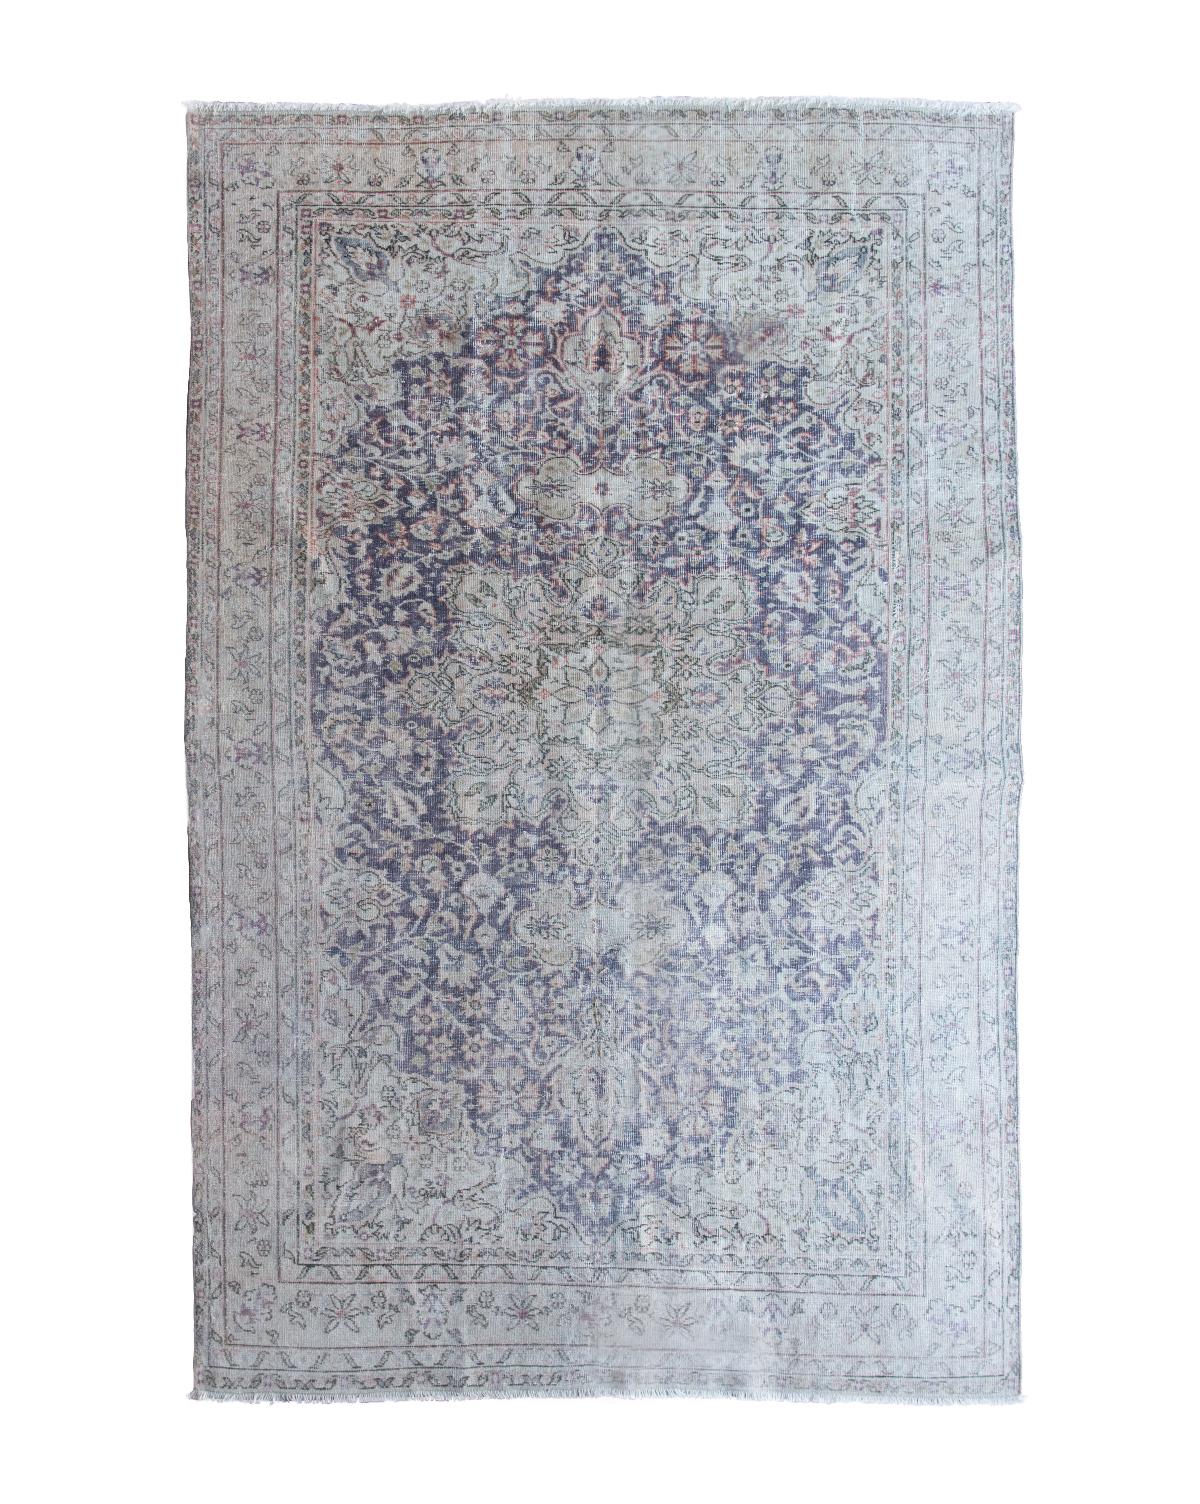 Vintage Rug No 41-1.jpg